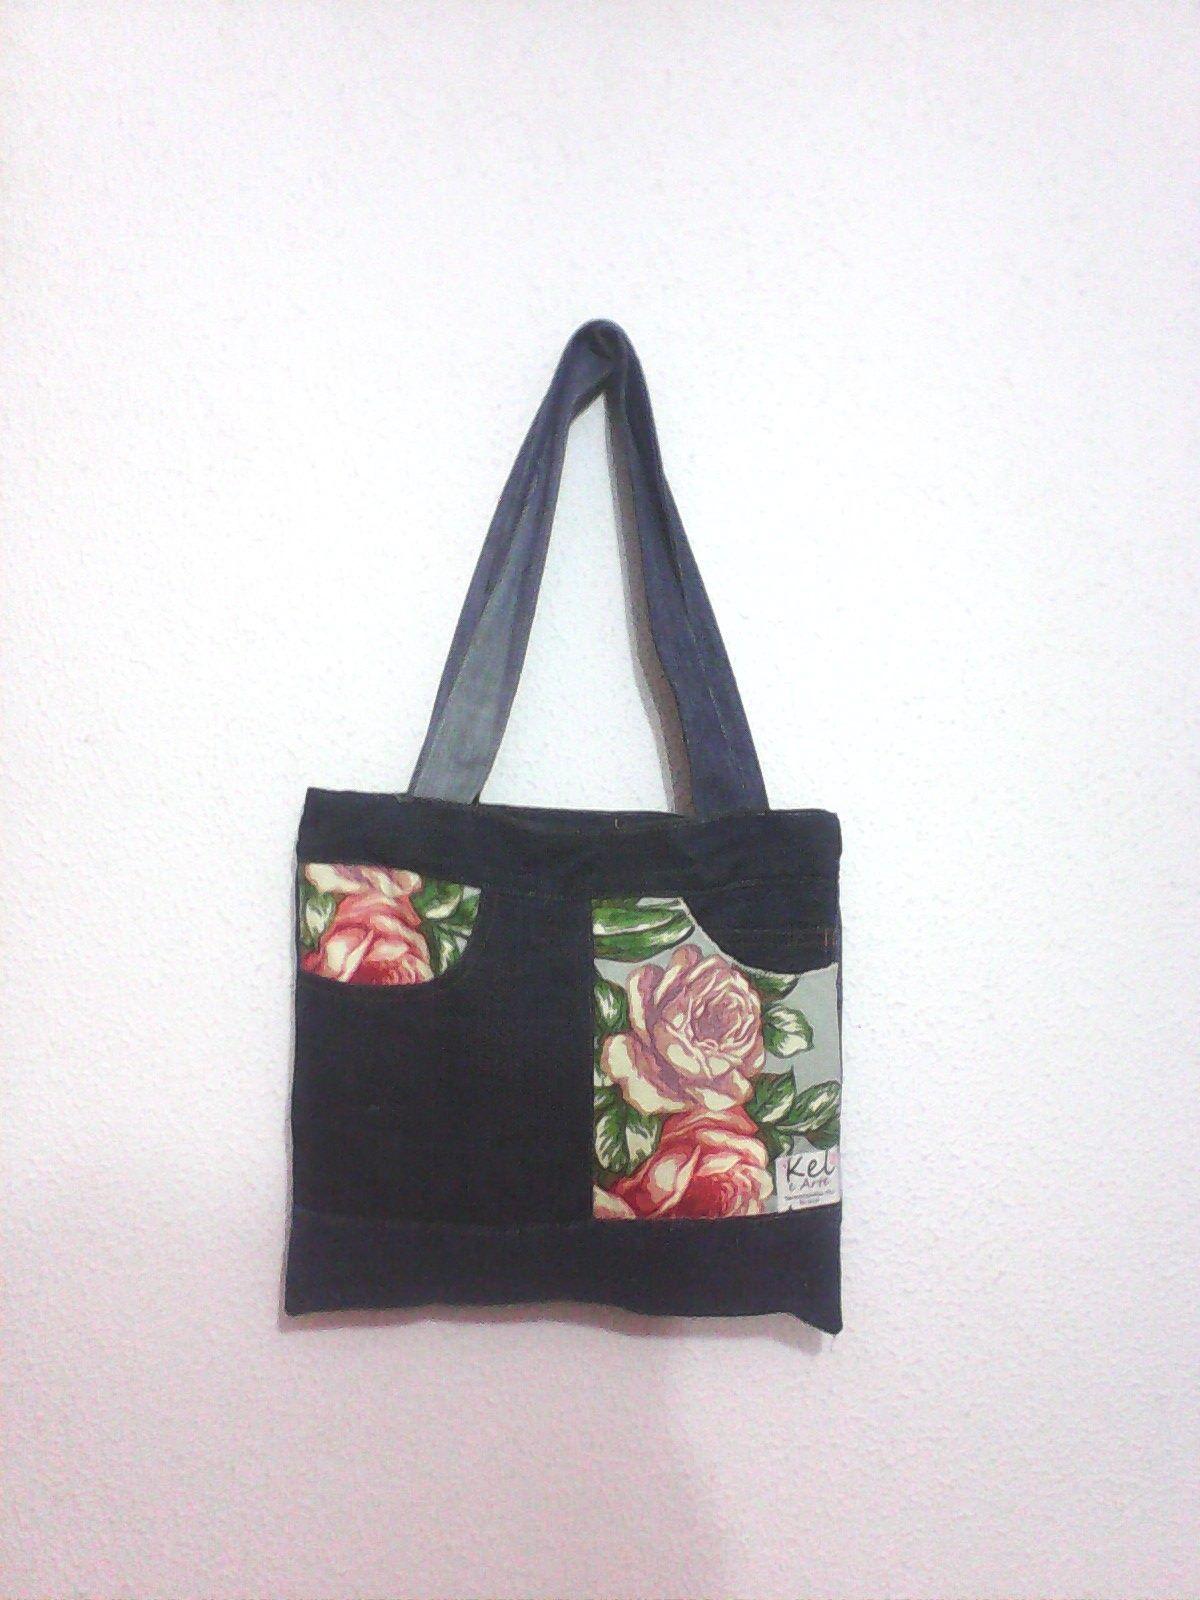 bolsa feita com sobras de jeans e o bolso foi invertido e alternado com tecido florido